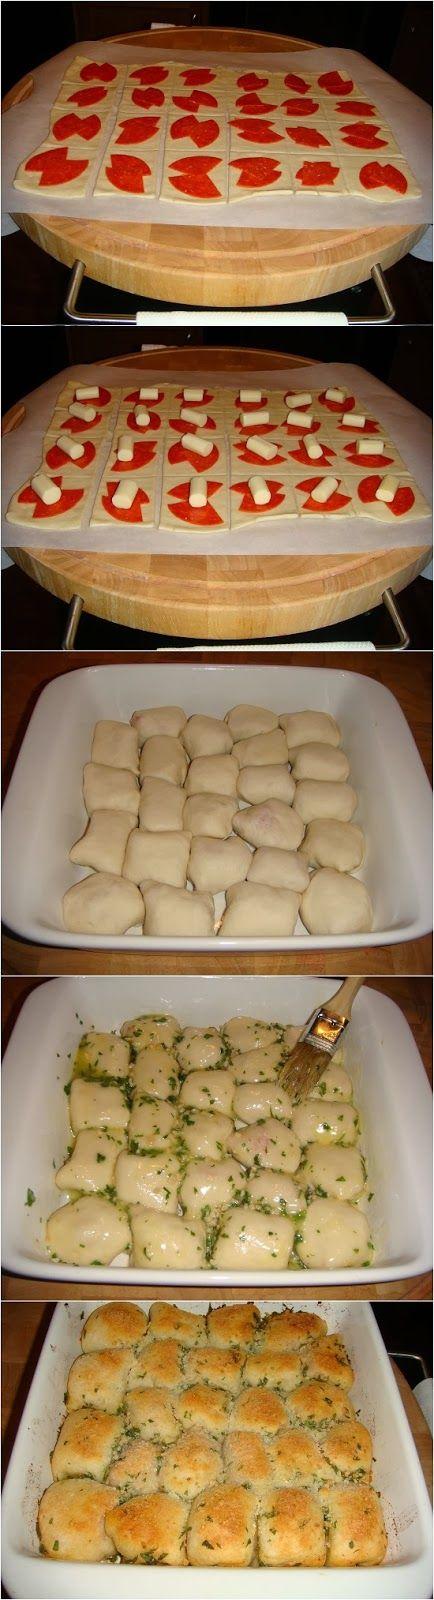 Yummy Recipes: Stuffed Pizza Rolls recipe